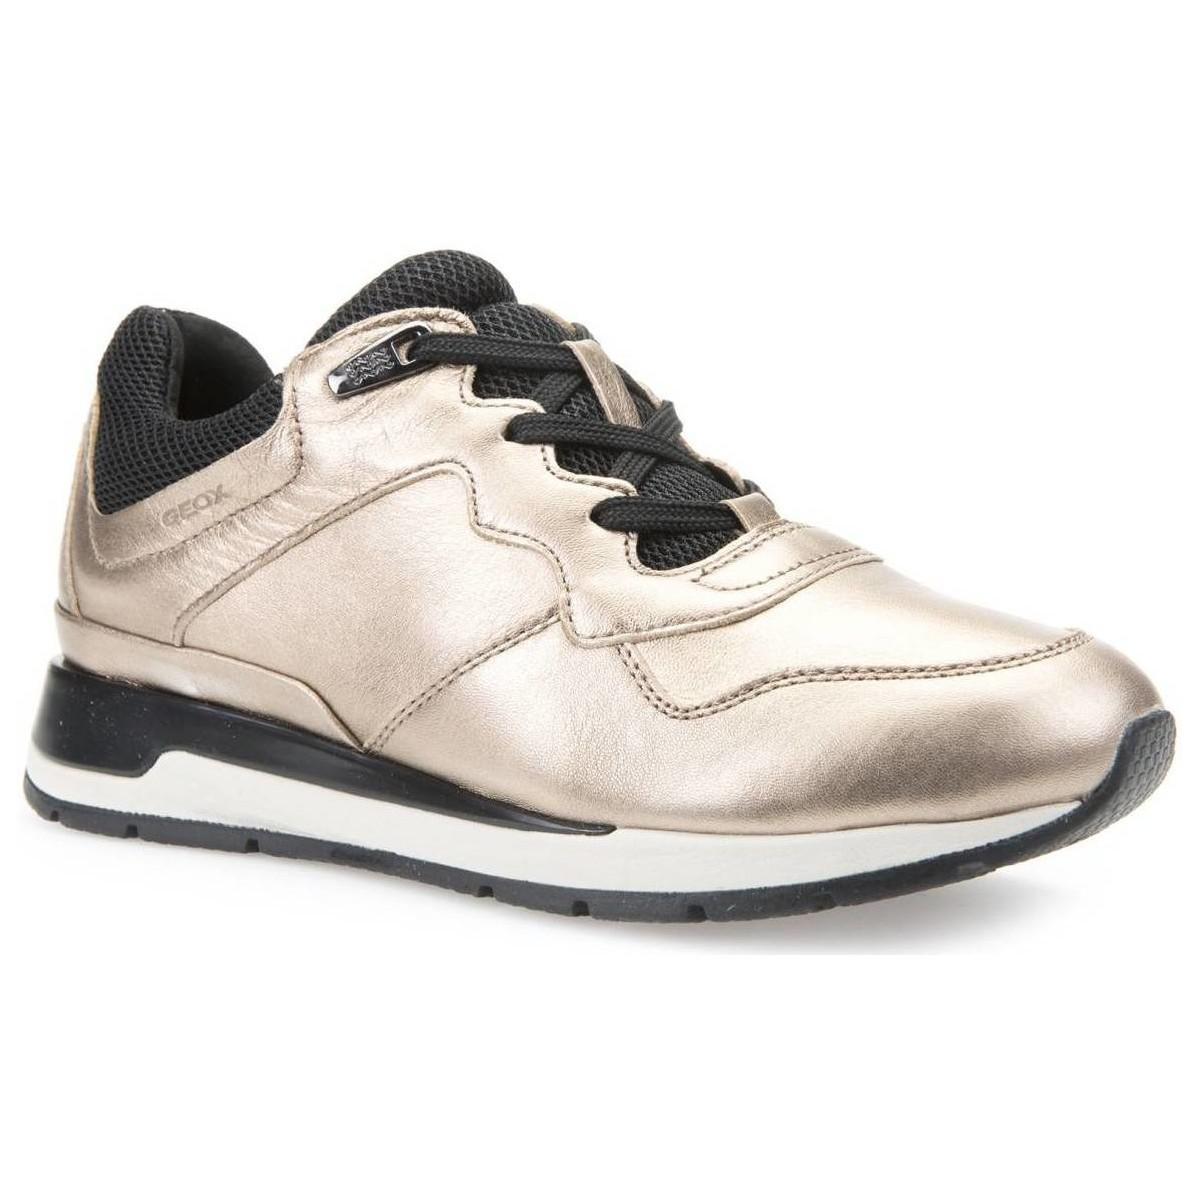 Geox D44n1a 000ky Sneakers Women Gold Women's Walking Boots In Gold in Metallic